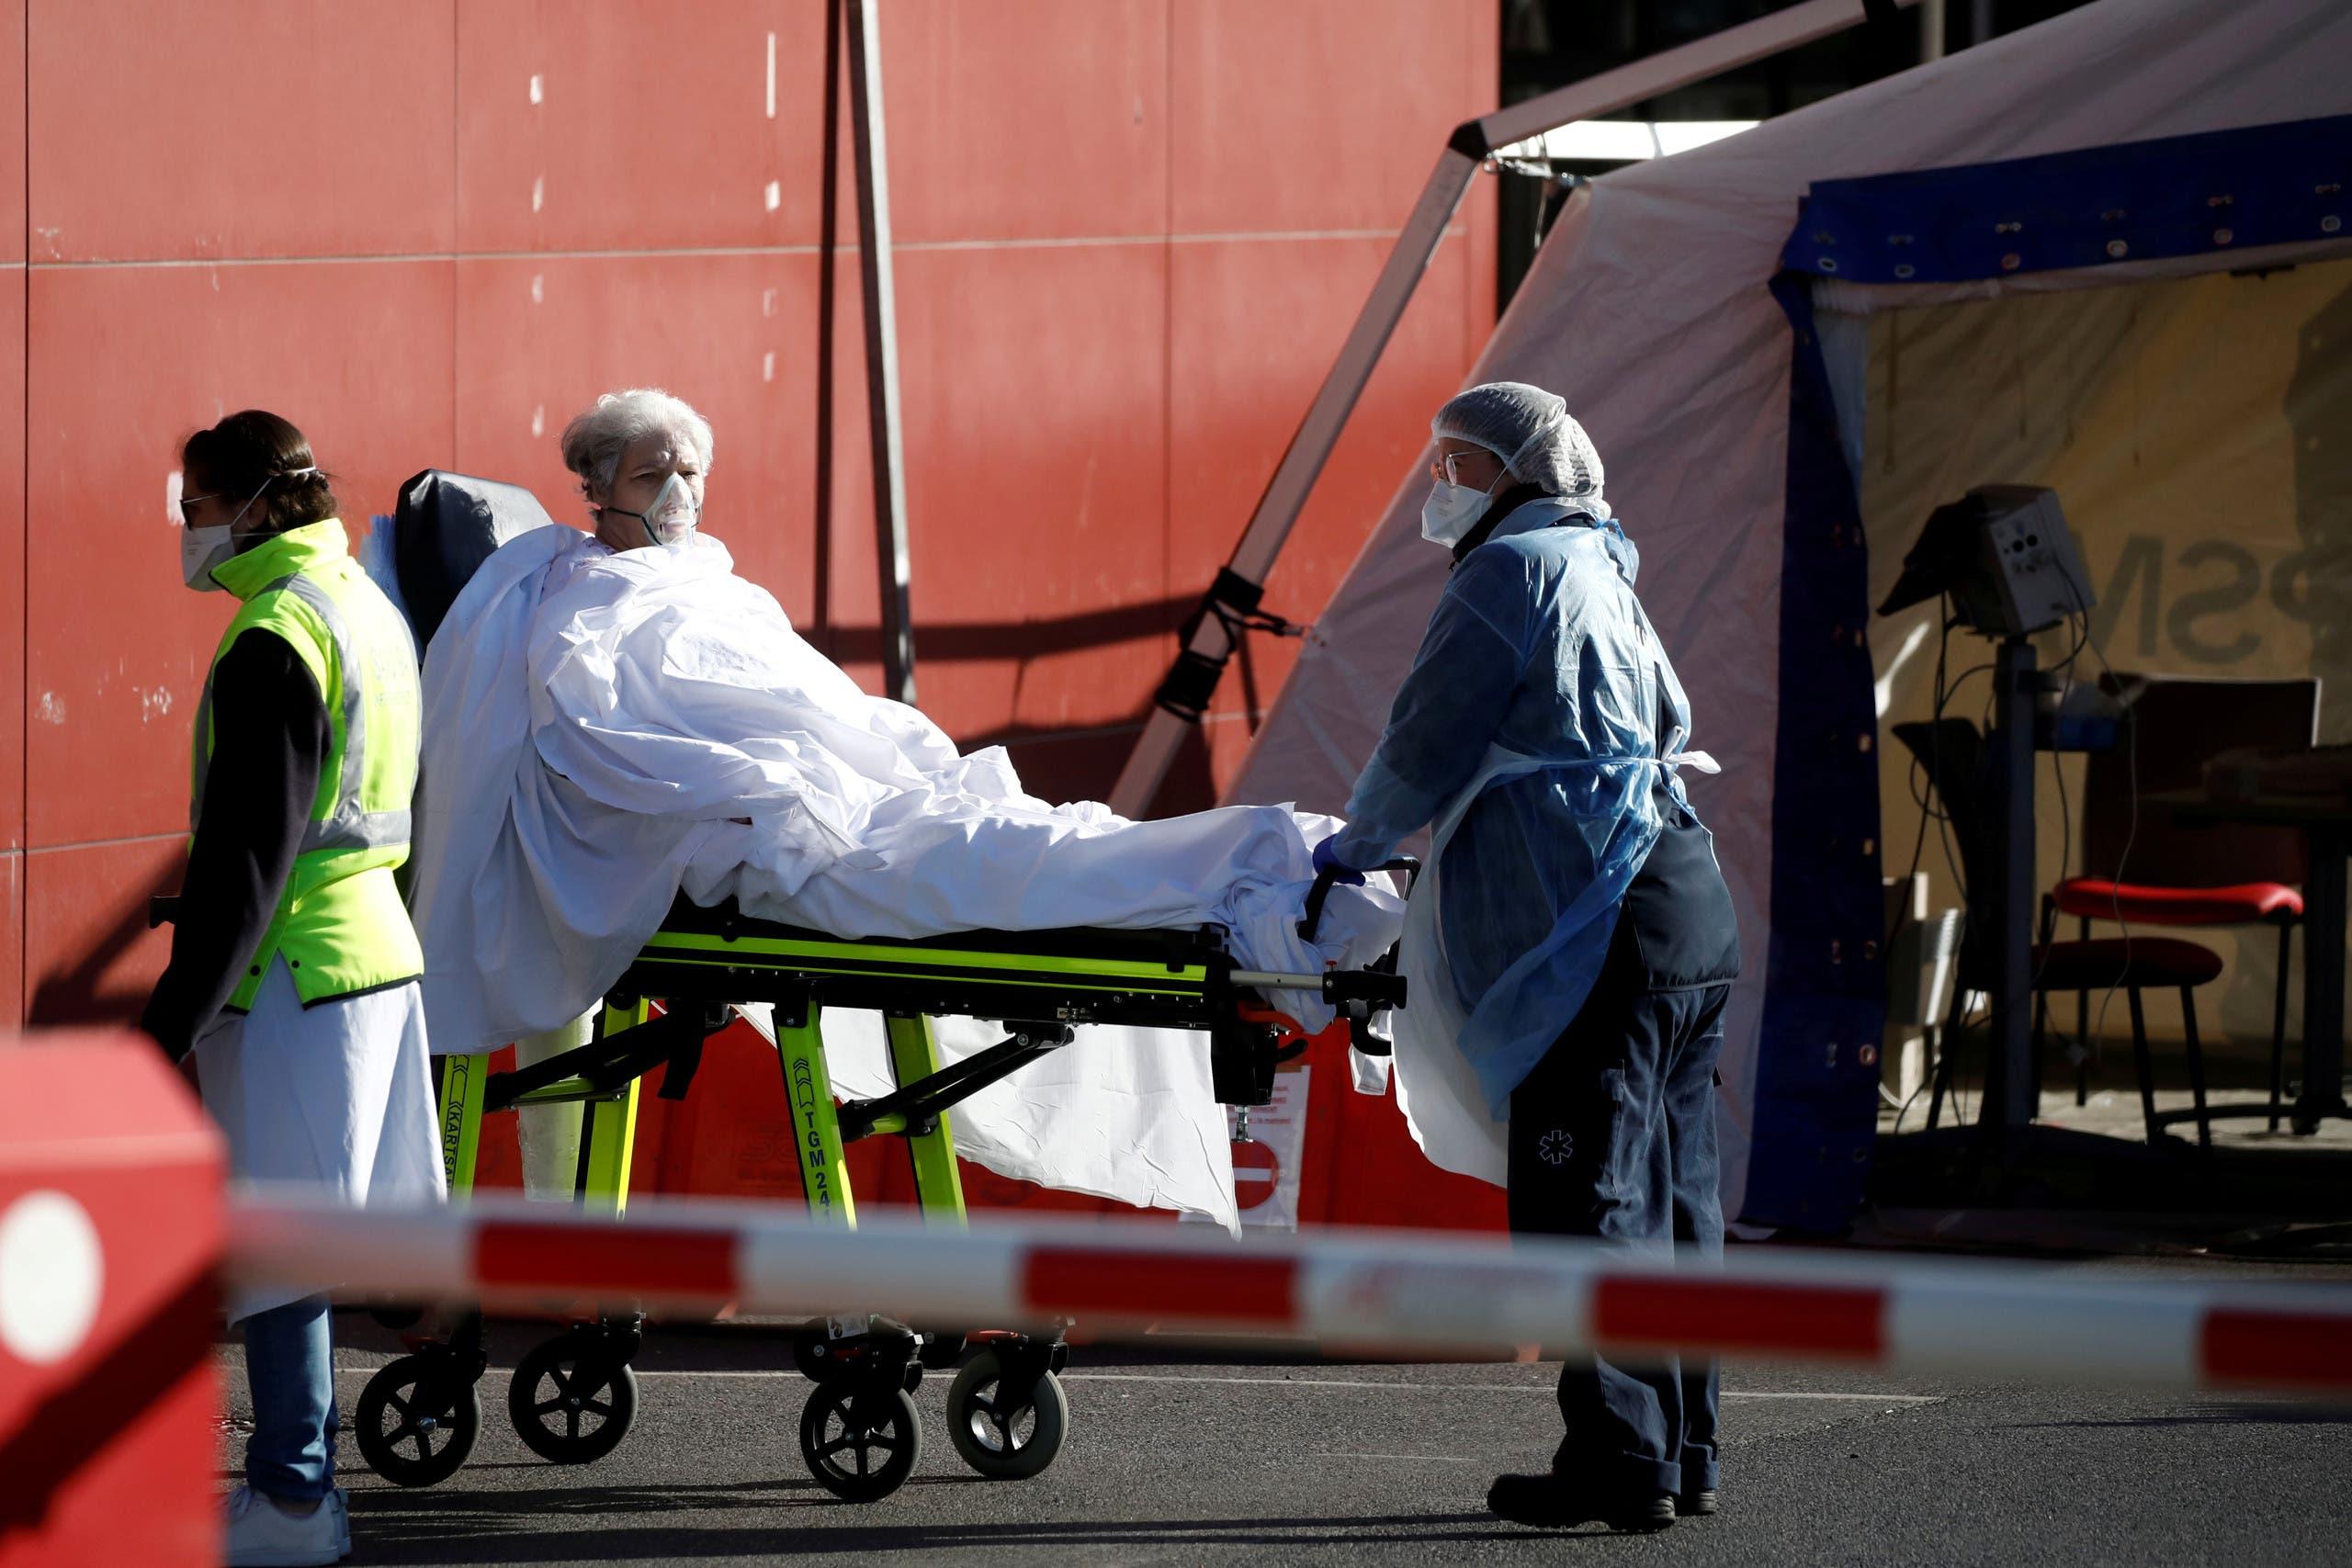 سيارة إسعاف في مستشفى قرب باريس يوم 30 مارس